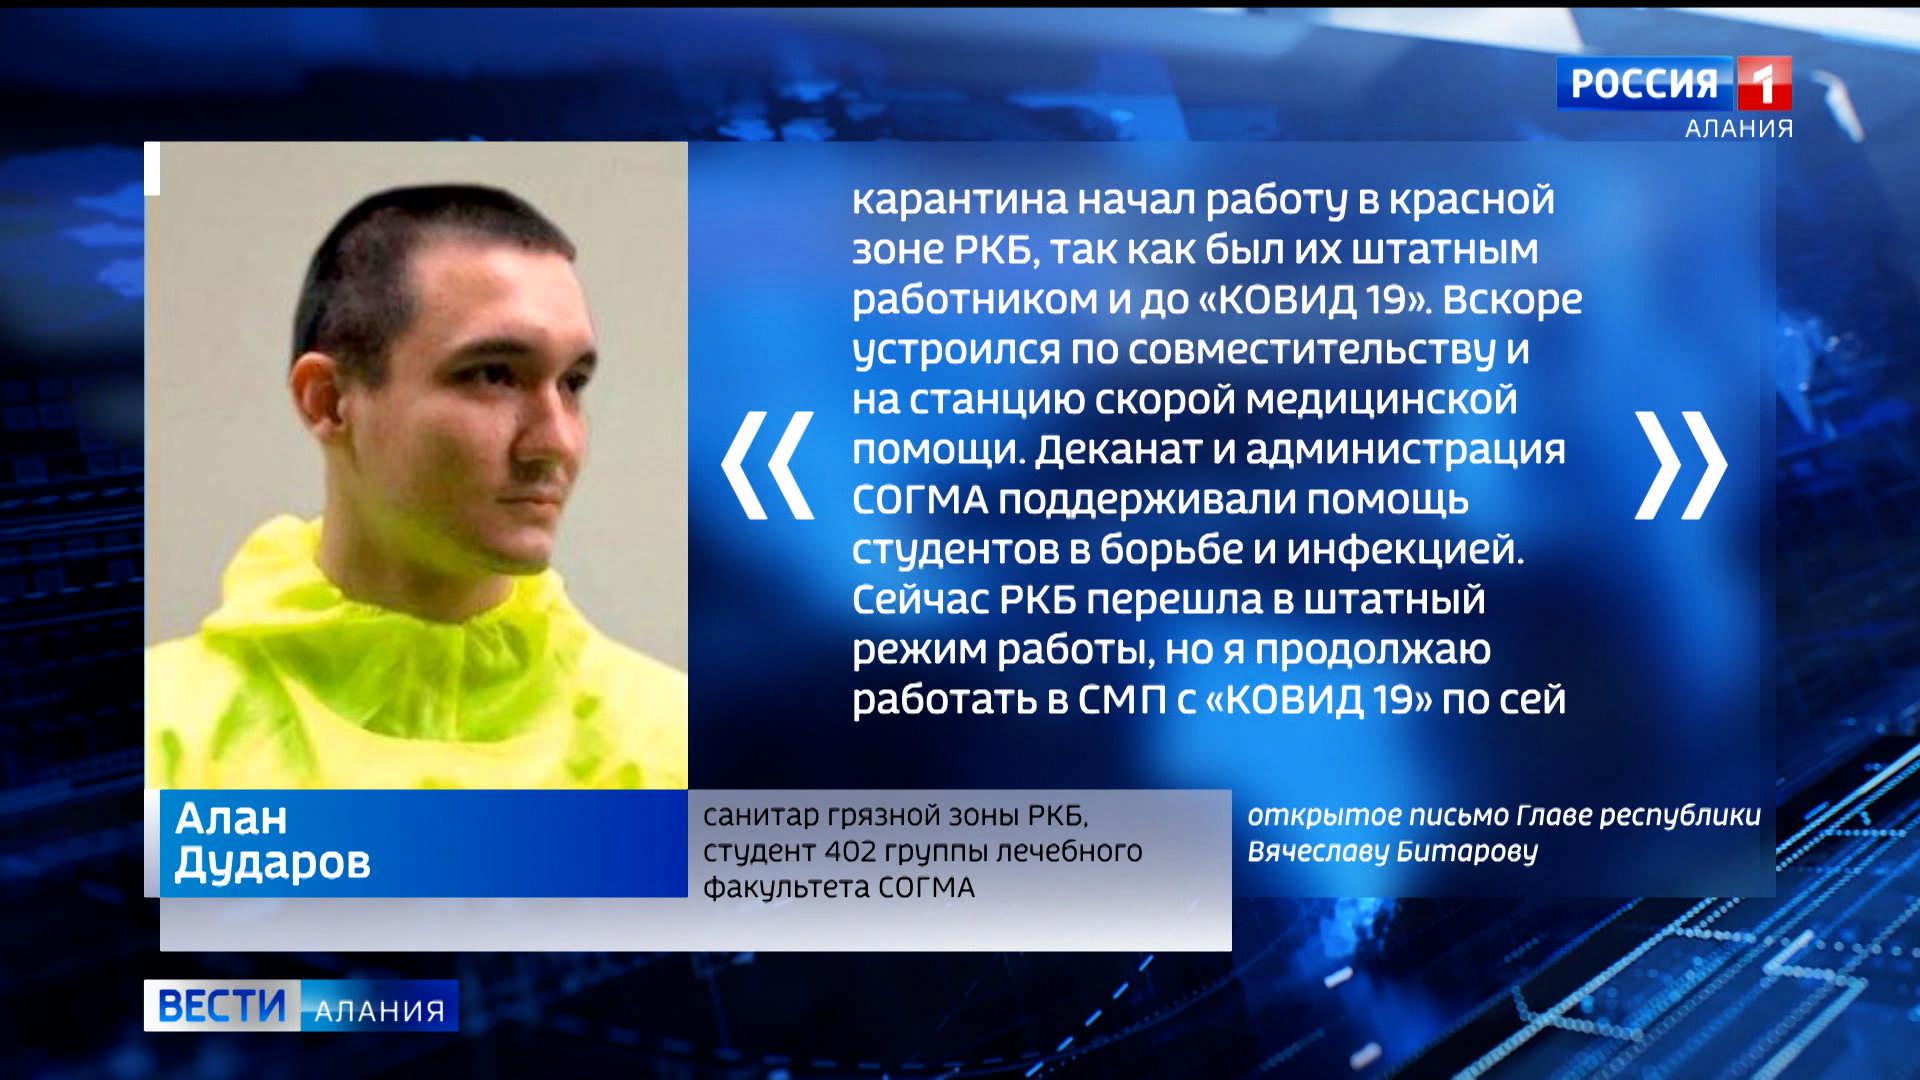 Ректор СОГМА: Студента Дударова отчисляют не впервые